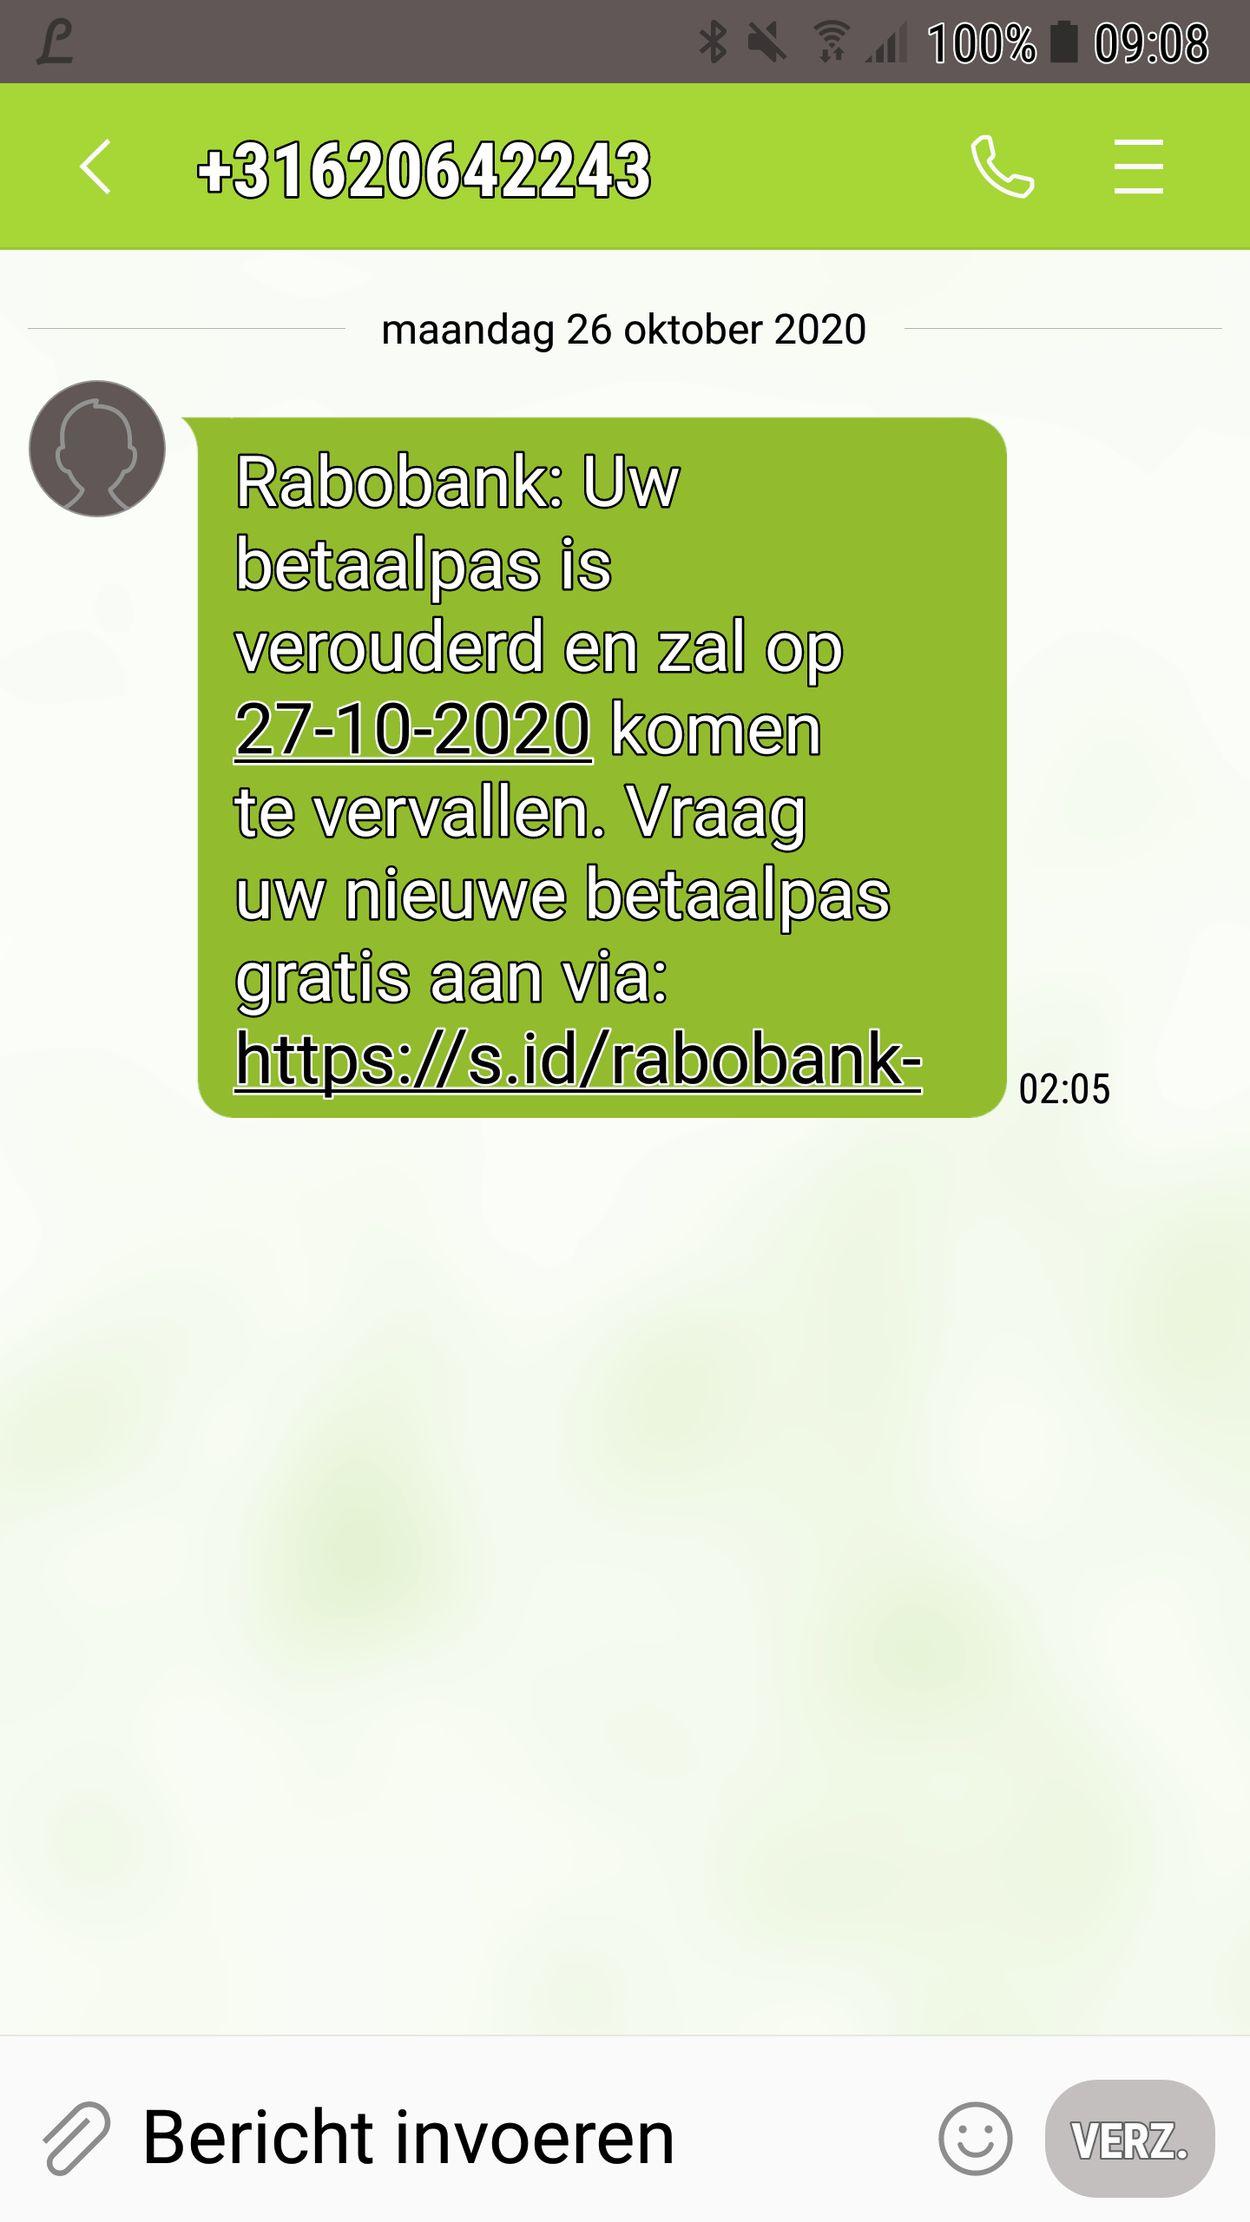 phishing sms Rabobank - okt 2020